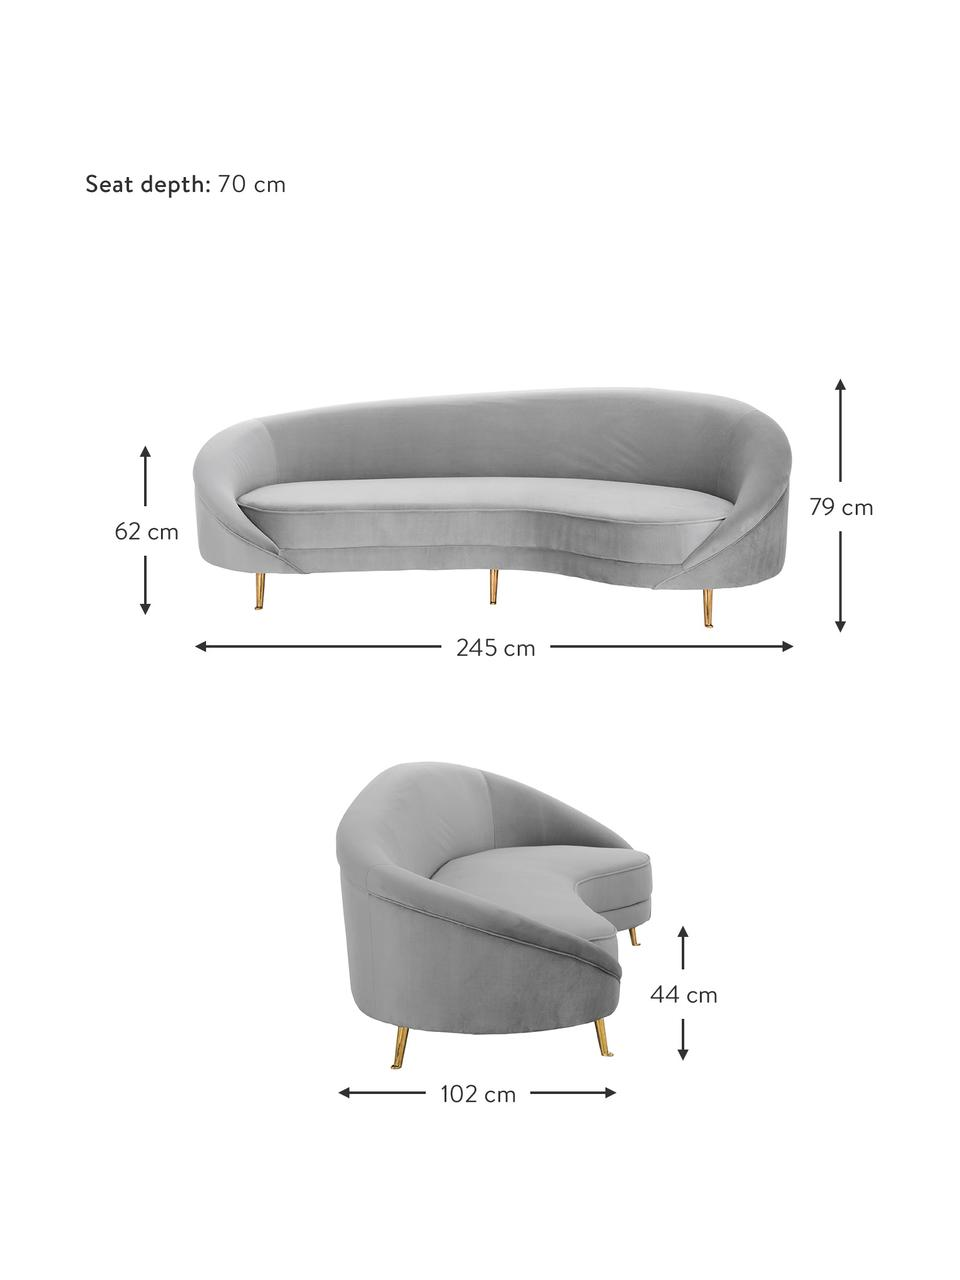 Divano 3 posti in velluto grigio Gatsby, Rivestimento: velluto (poliestere) 25.0, Struttura: legno di eucalipto massic, Piedini: metallo, zincato, Velluto grigio, Larg. 245 x Prof. 102 cm